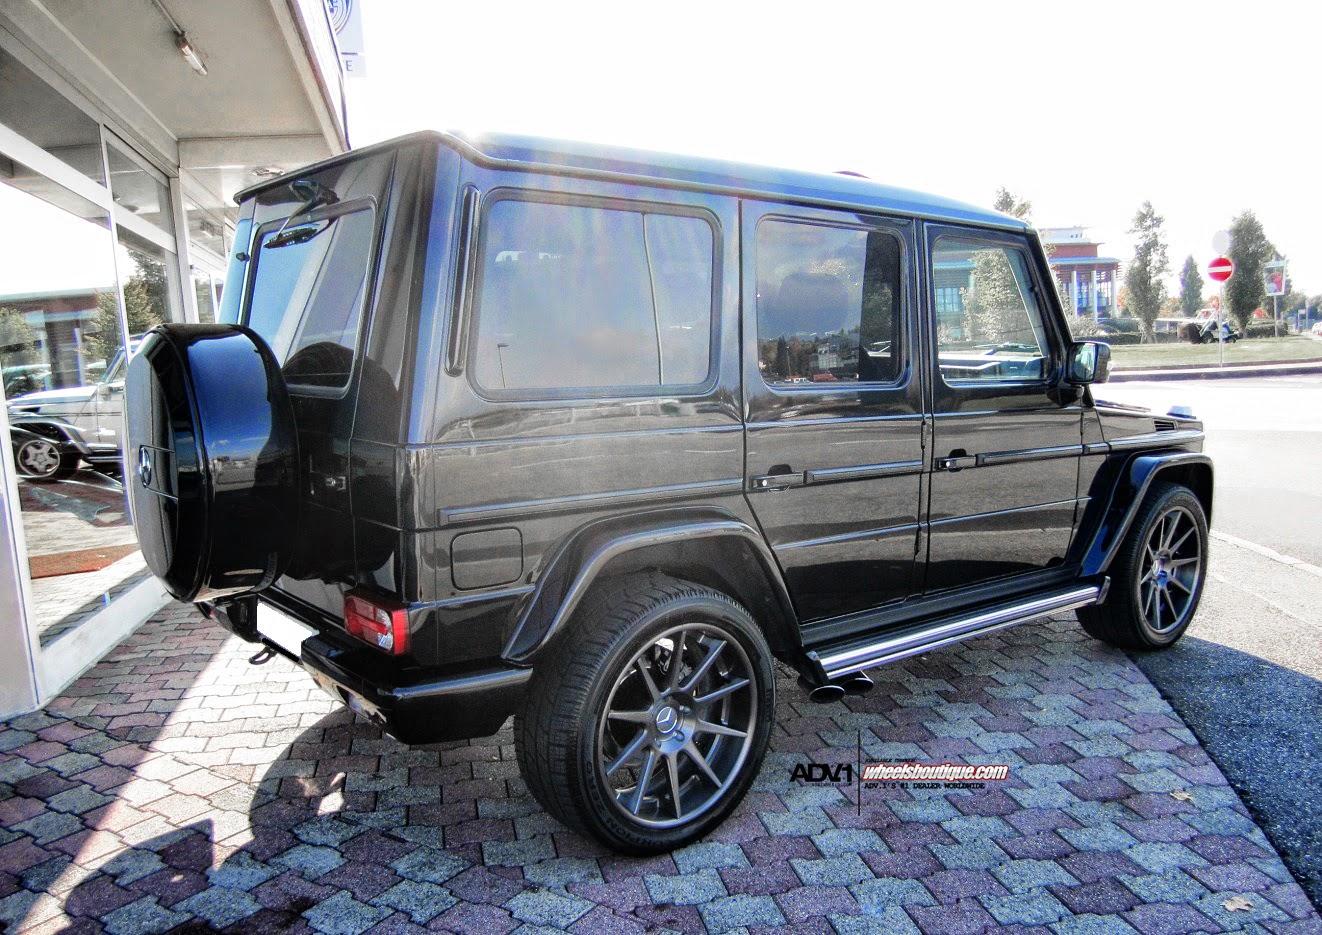 http://4.bp.blogspot.com/-vxEKxyA4sHg/TylkDsU6OLI/AAAAAAAACzA/mg6io-dMj1c/s1600/Mercedes_gelandewagen_adv1_rims_3.jpg